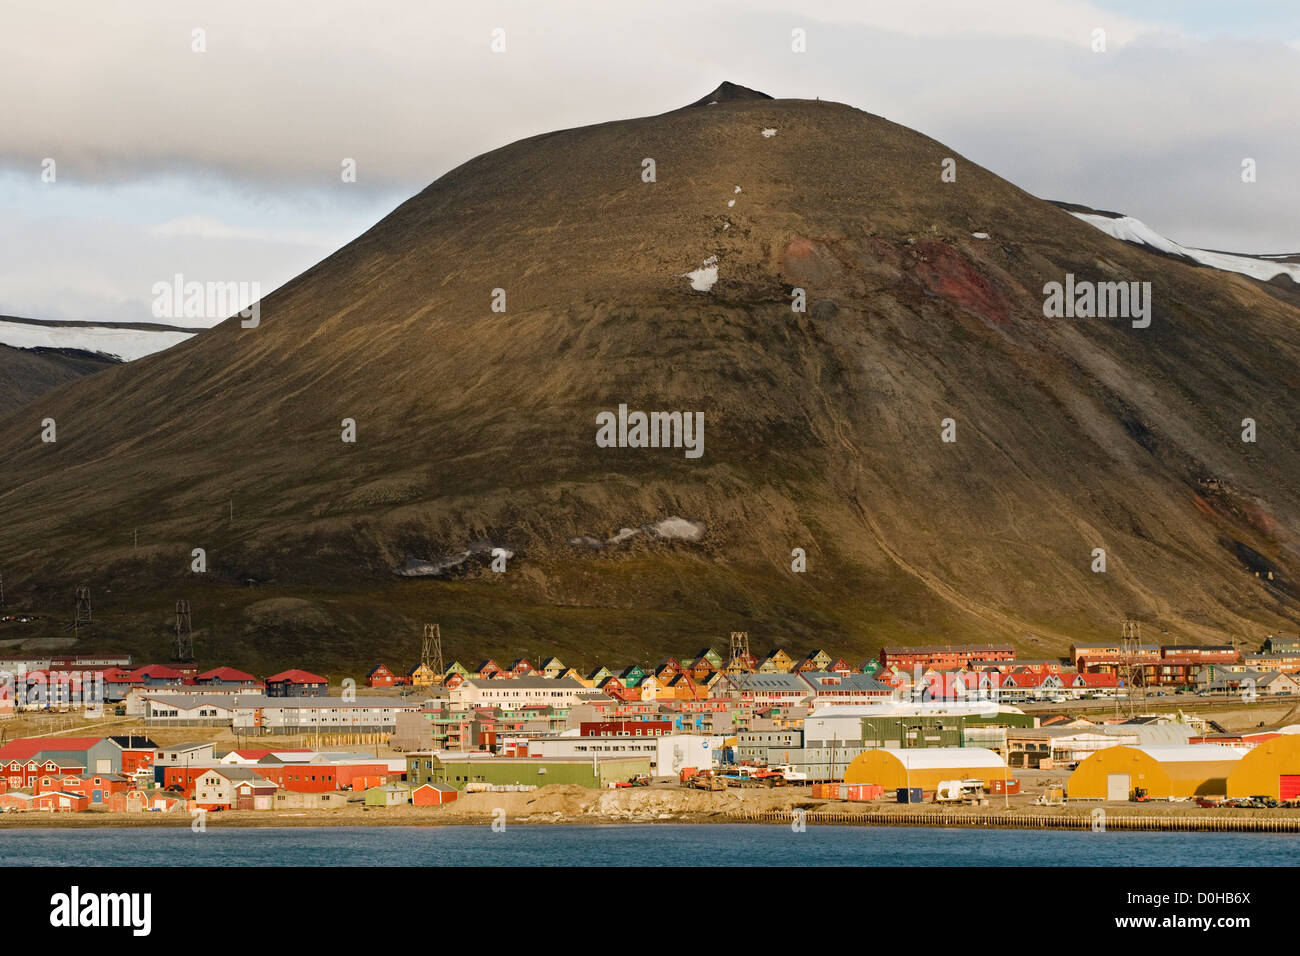 Il colorato insediamento norvegese Longyearbyen coal mining town anno popolazione è circa 2060 situato in Immagini Stock